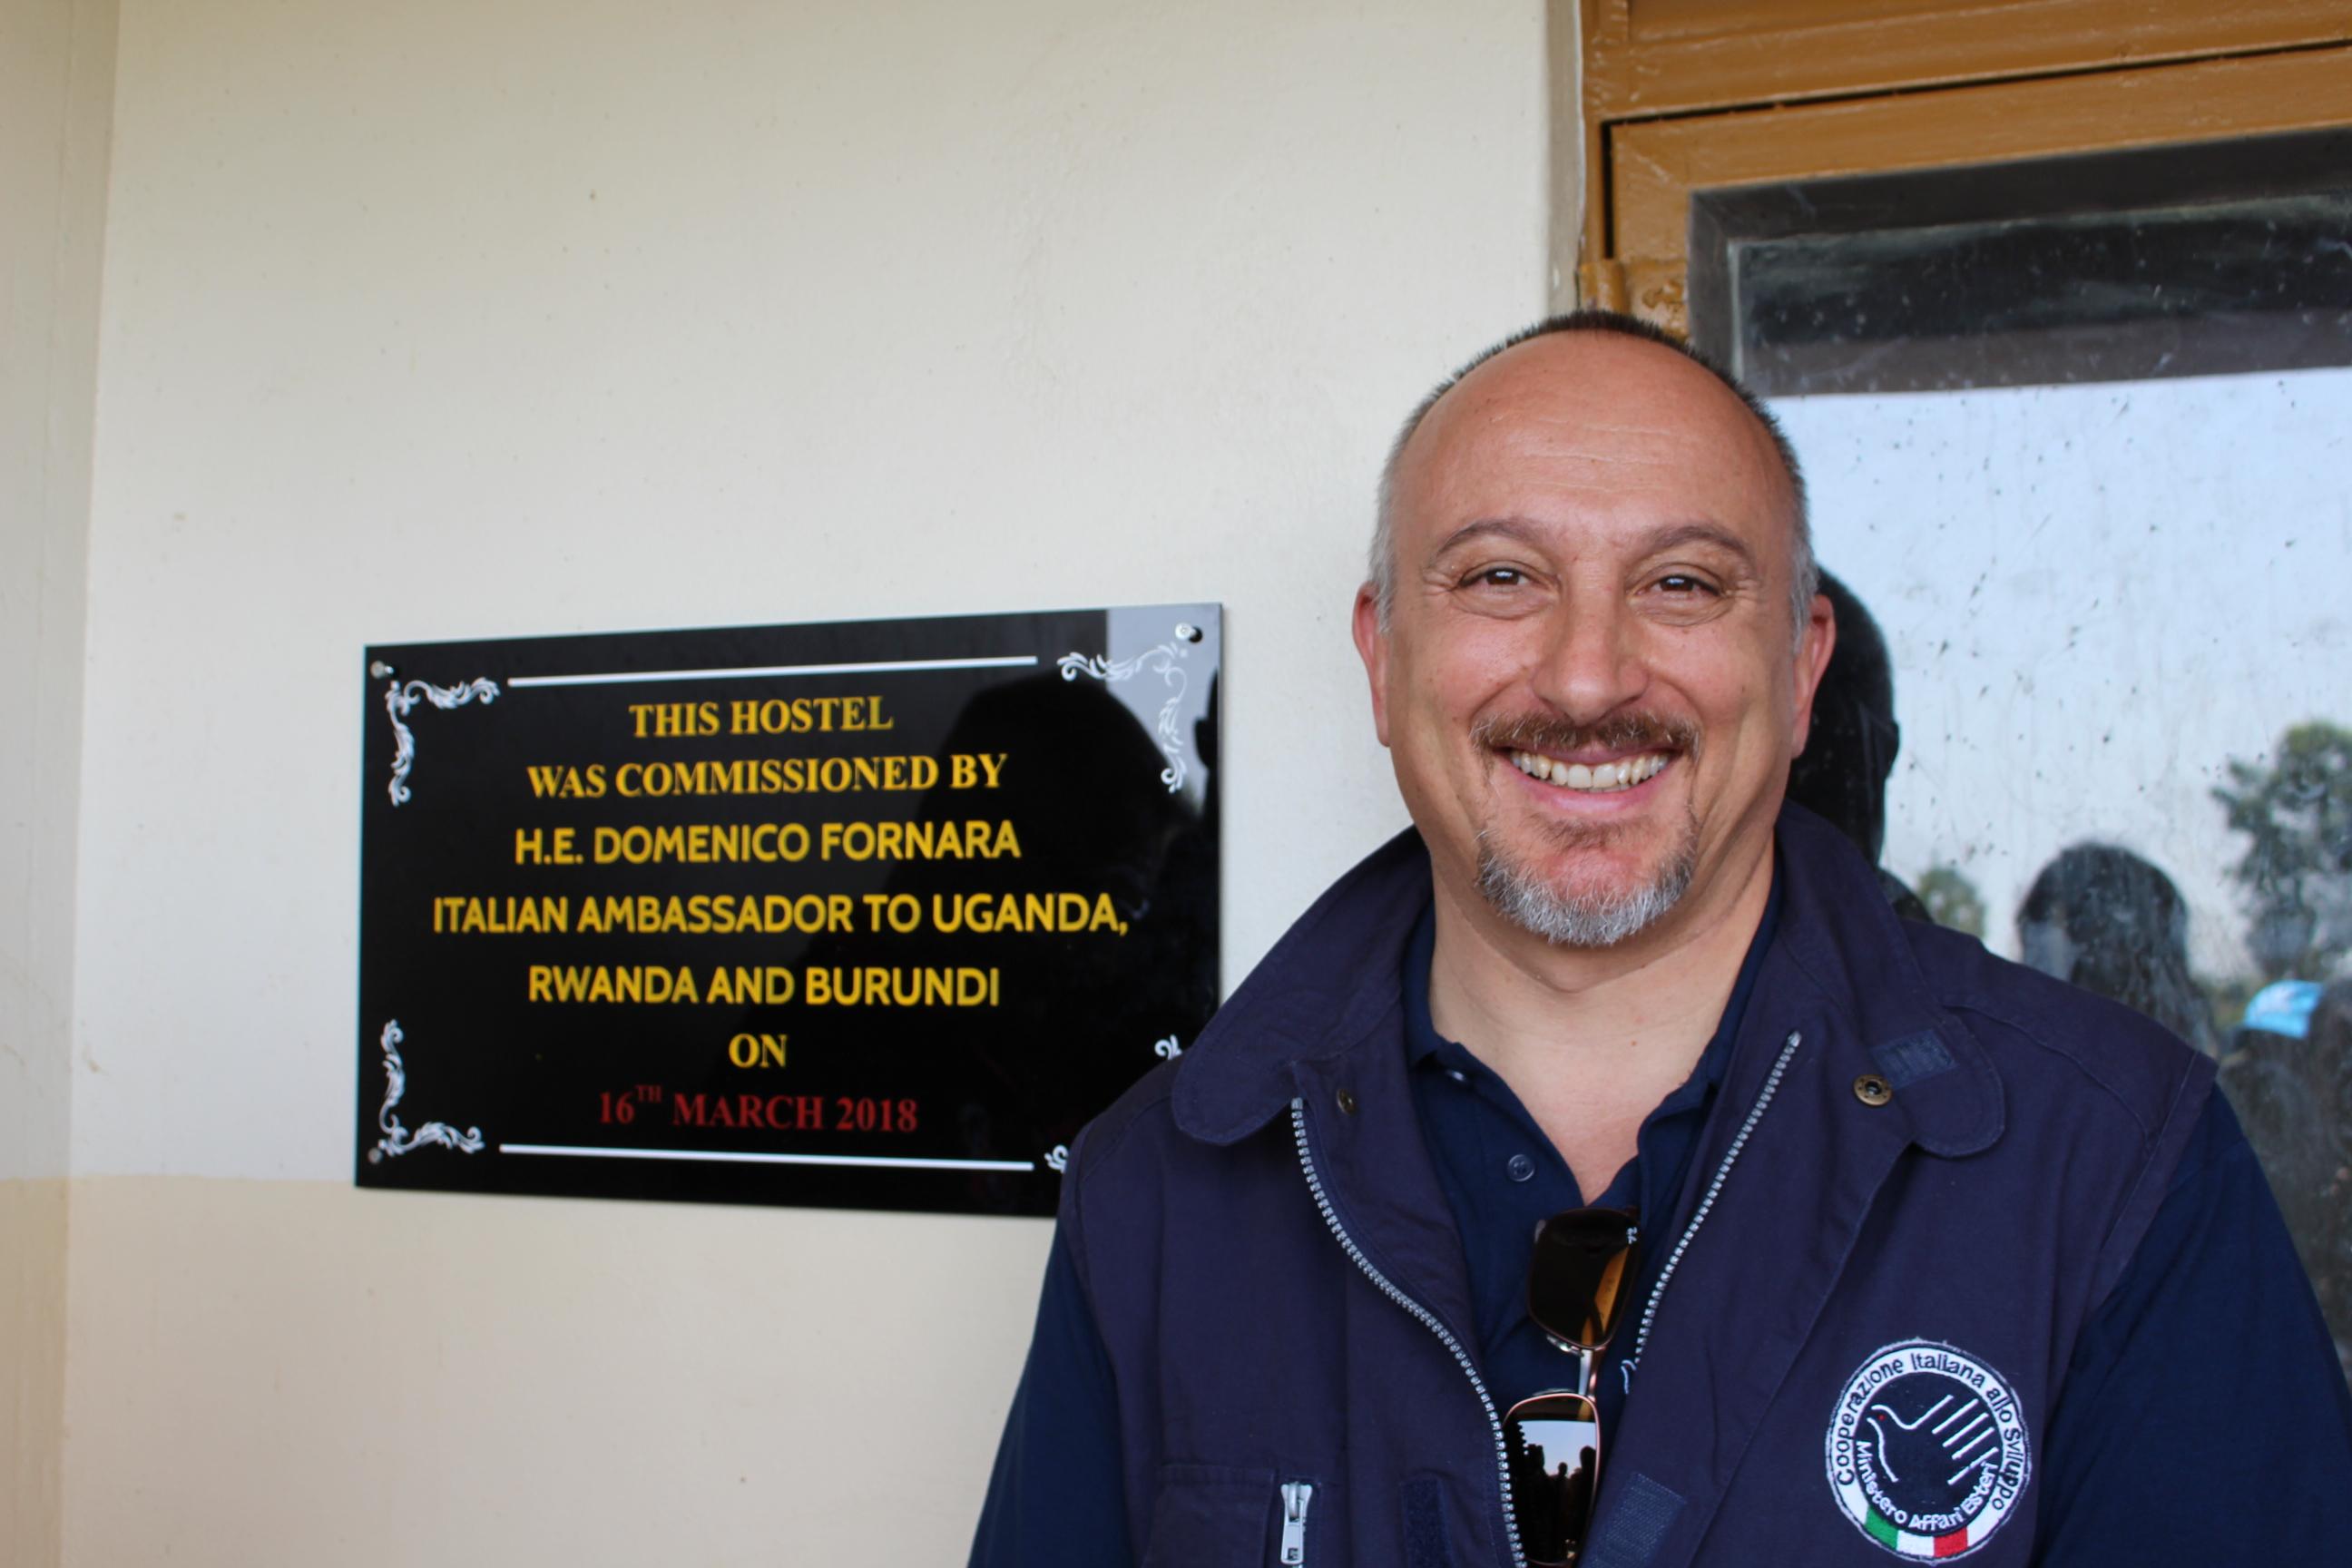 16.03.2018 – Intervista a Domenico Fornara, ambasciatore italiano in Uganda, Rwanda e Burundi.